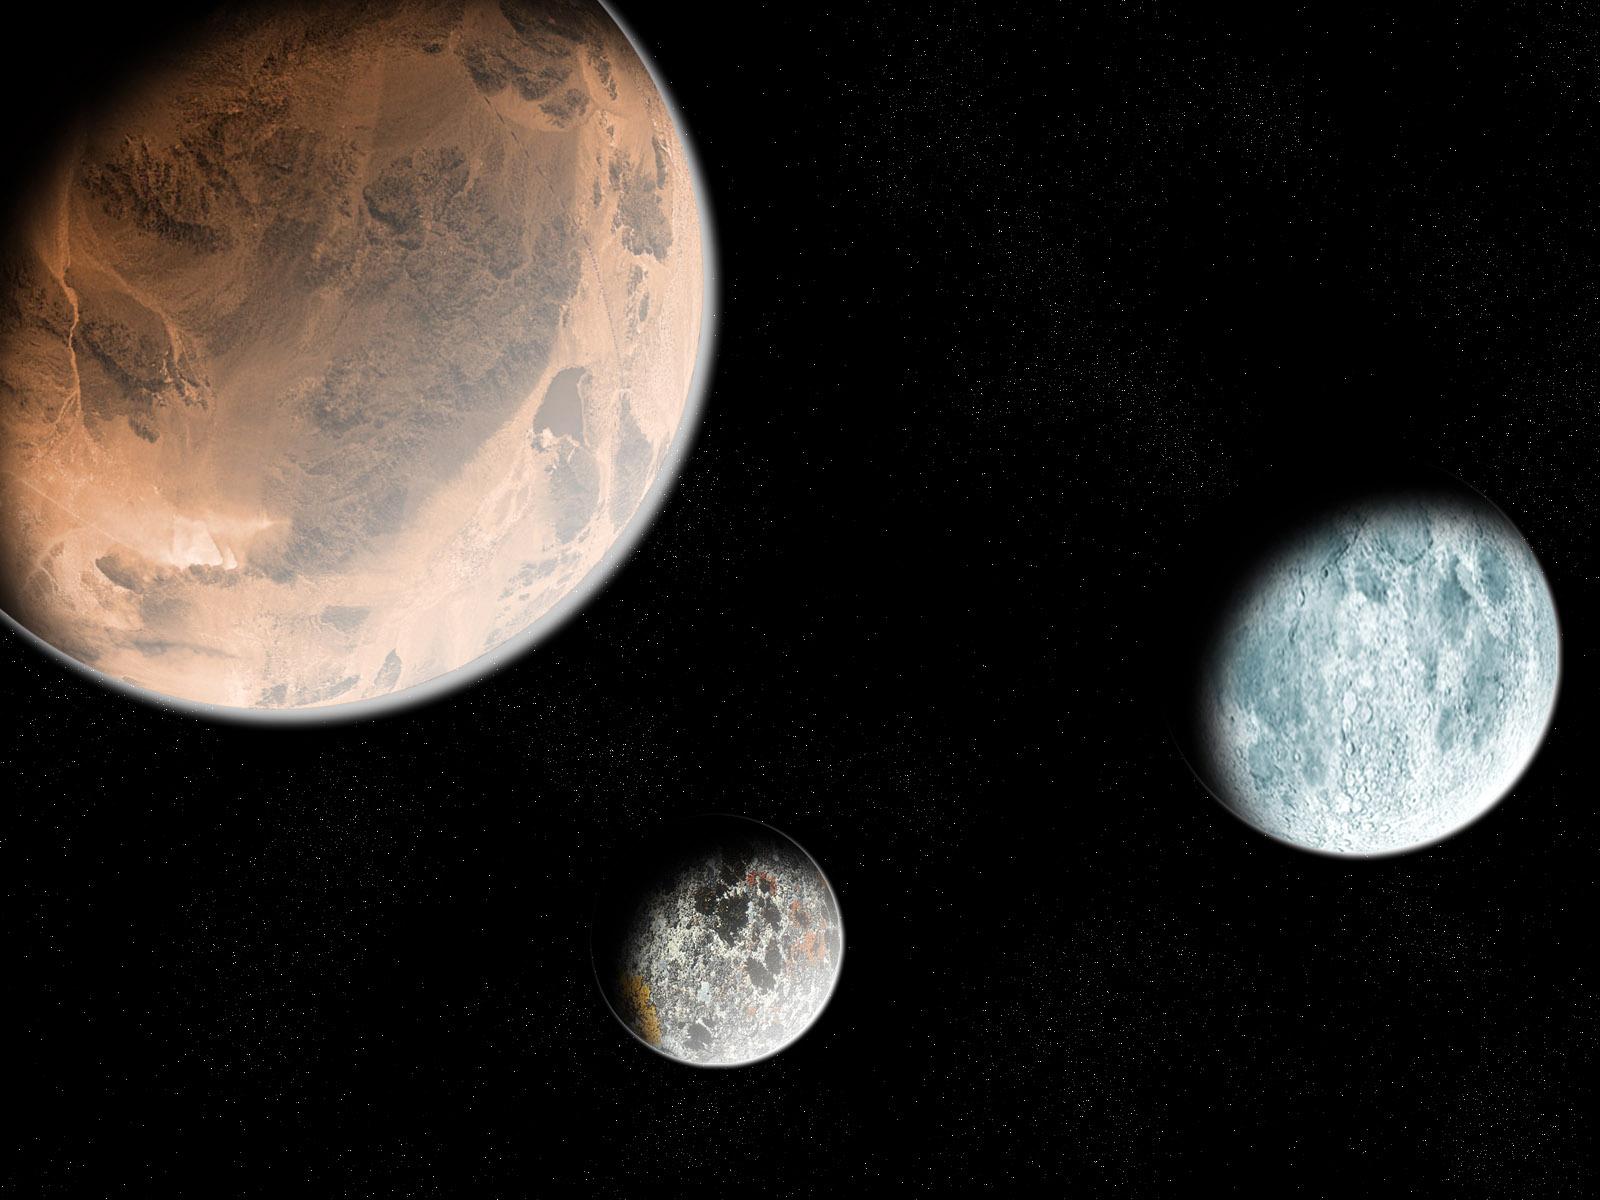 space-digital-wallpapers-0803